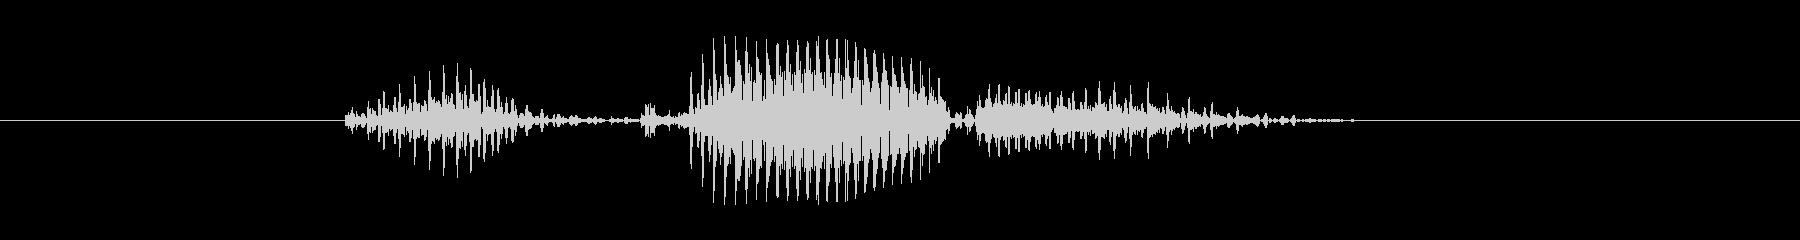 カエル声/うける〜〜の未再生の波形